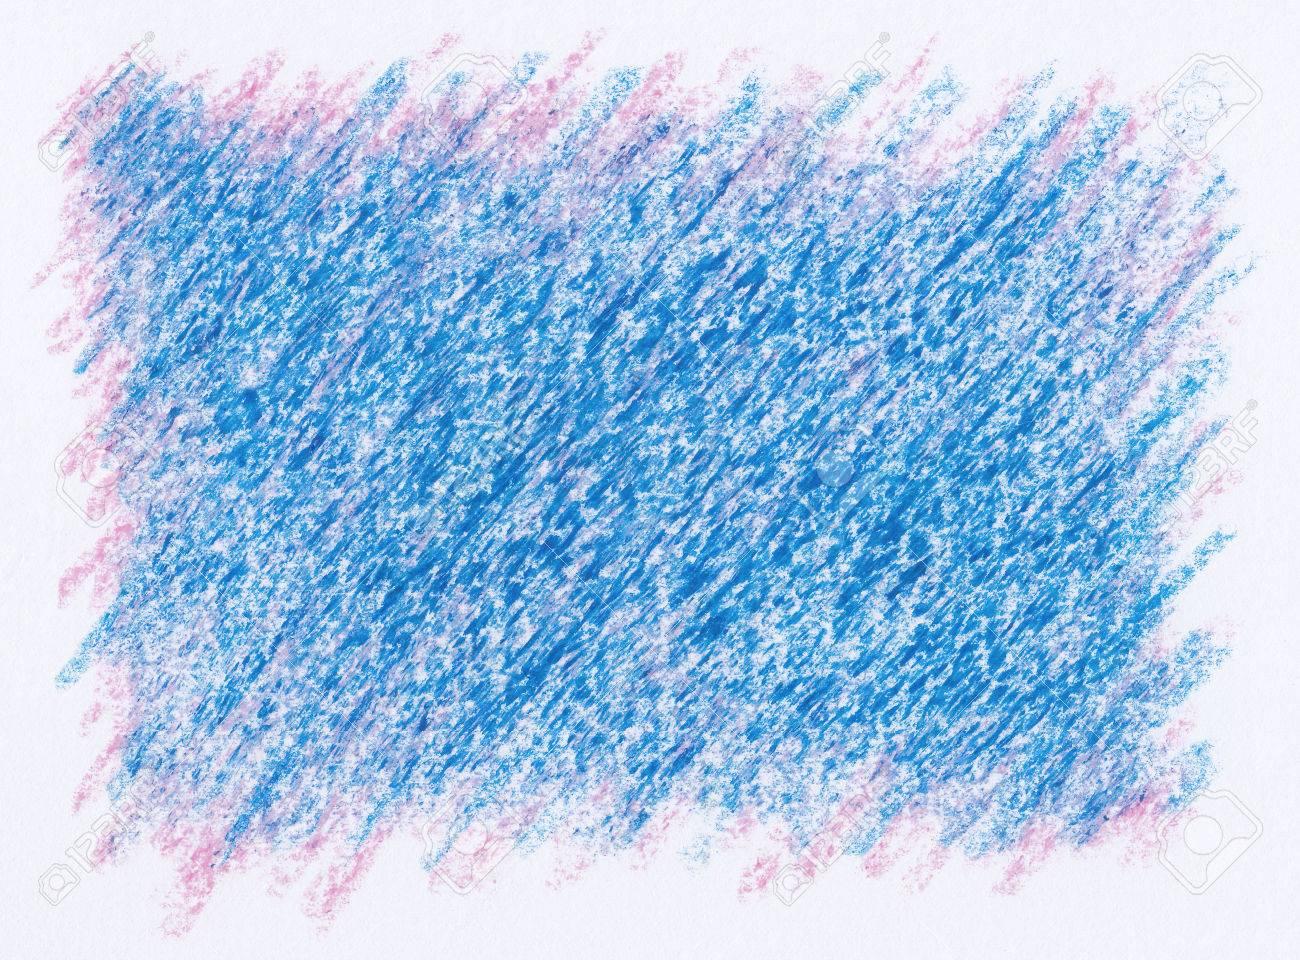 紫ピンクの抽象的な背景の上に青いクレヨン絵 の写真素材 画像素材 Image